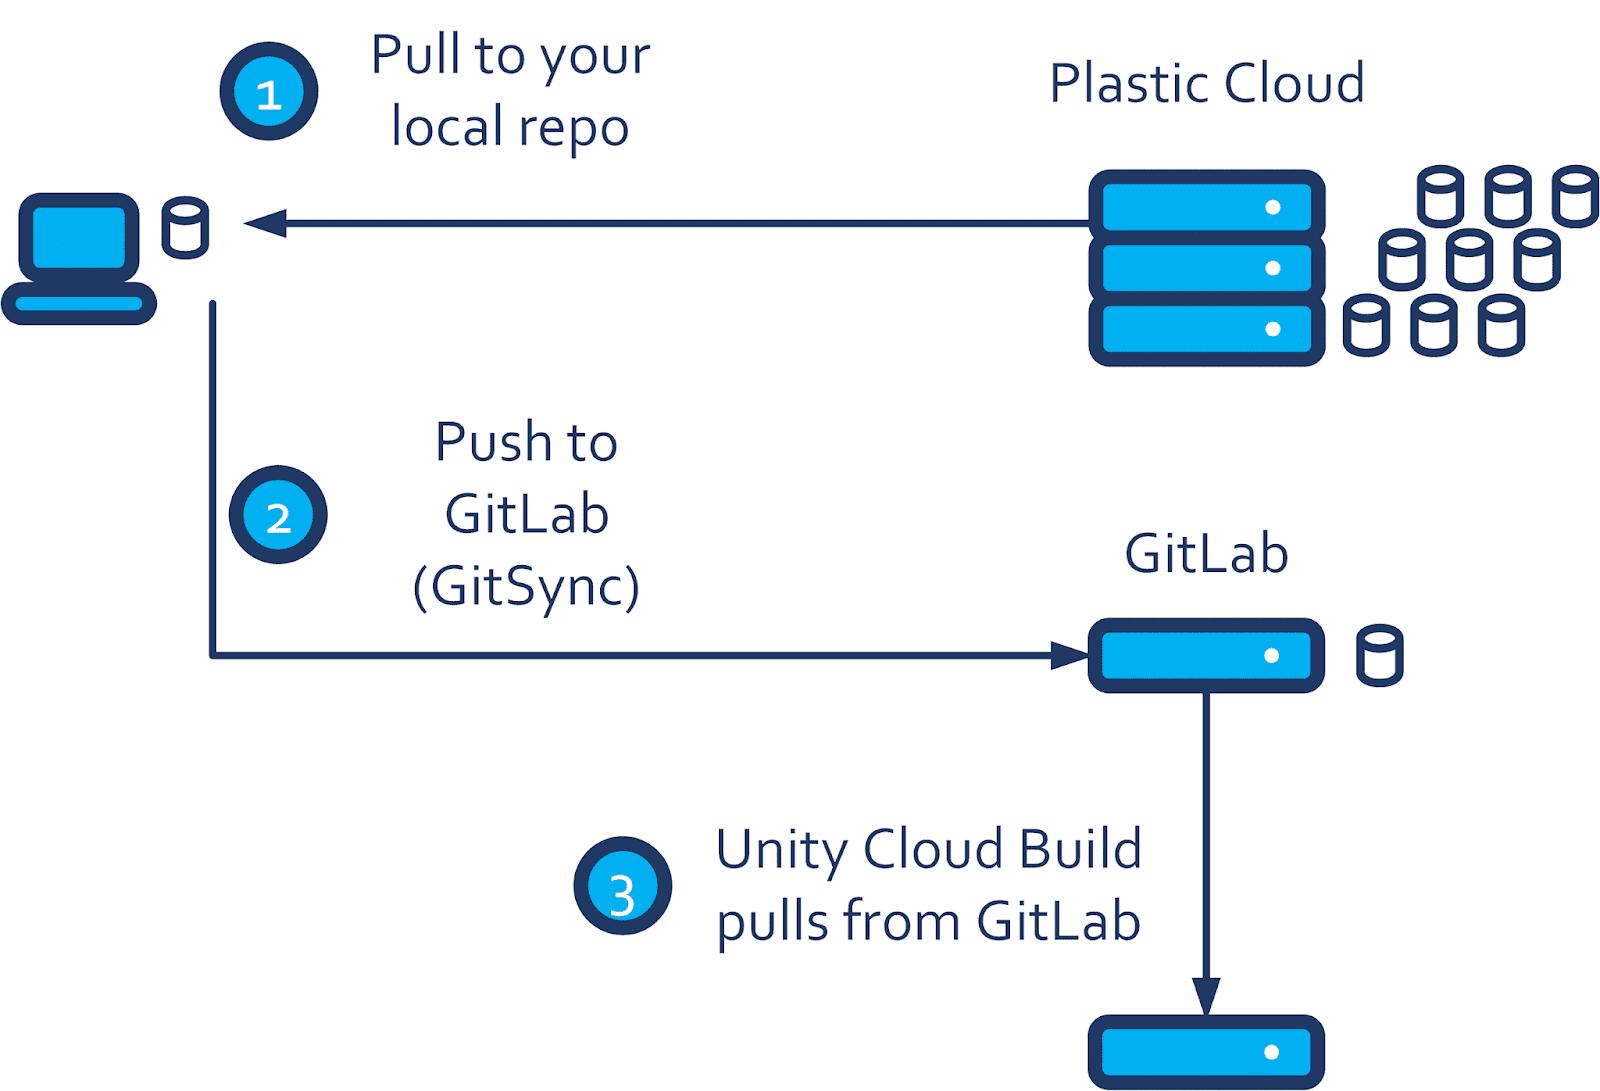 Plastic SCM blog: Connect Unity Cloud Build to Plastic Cloud